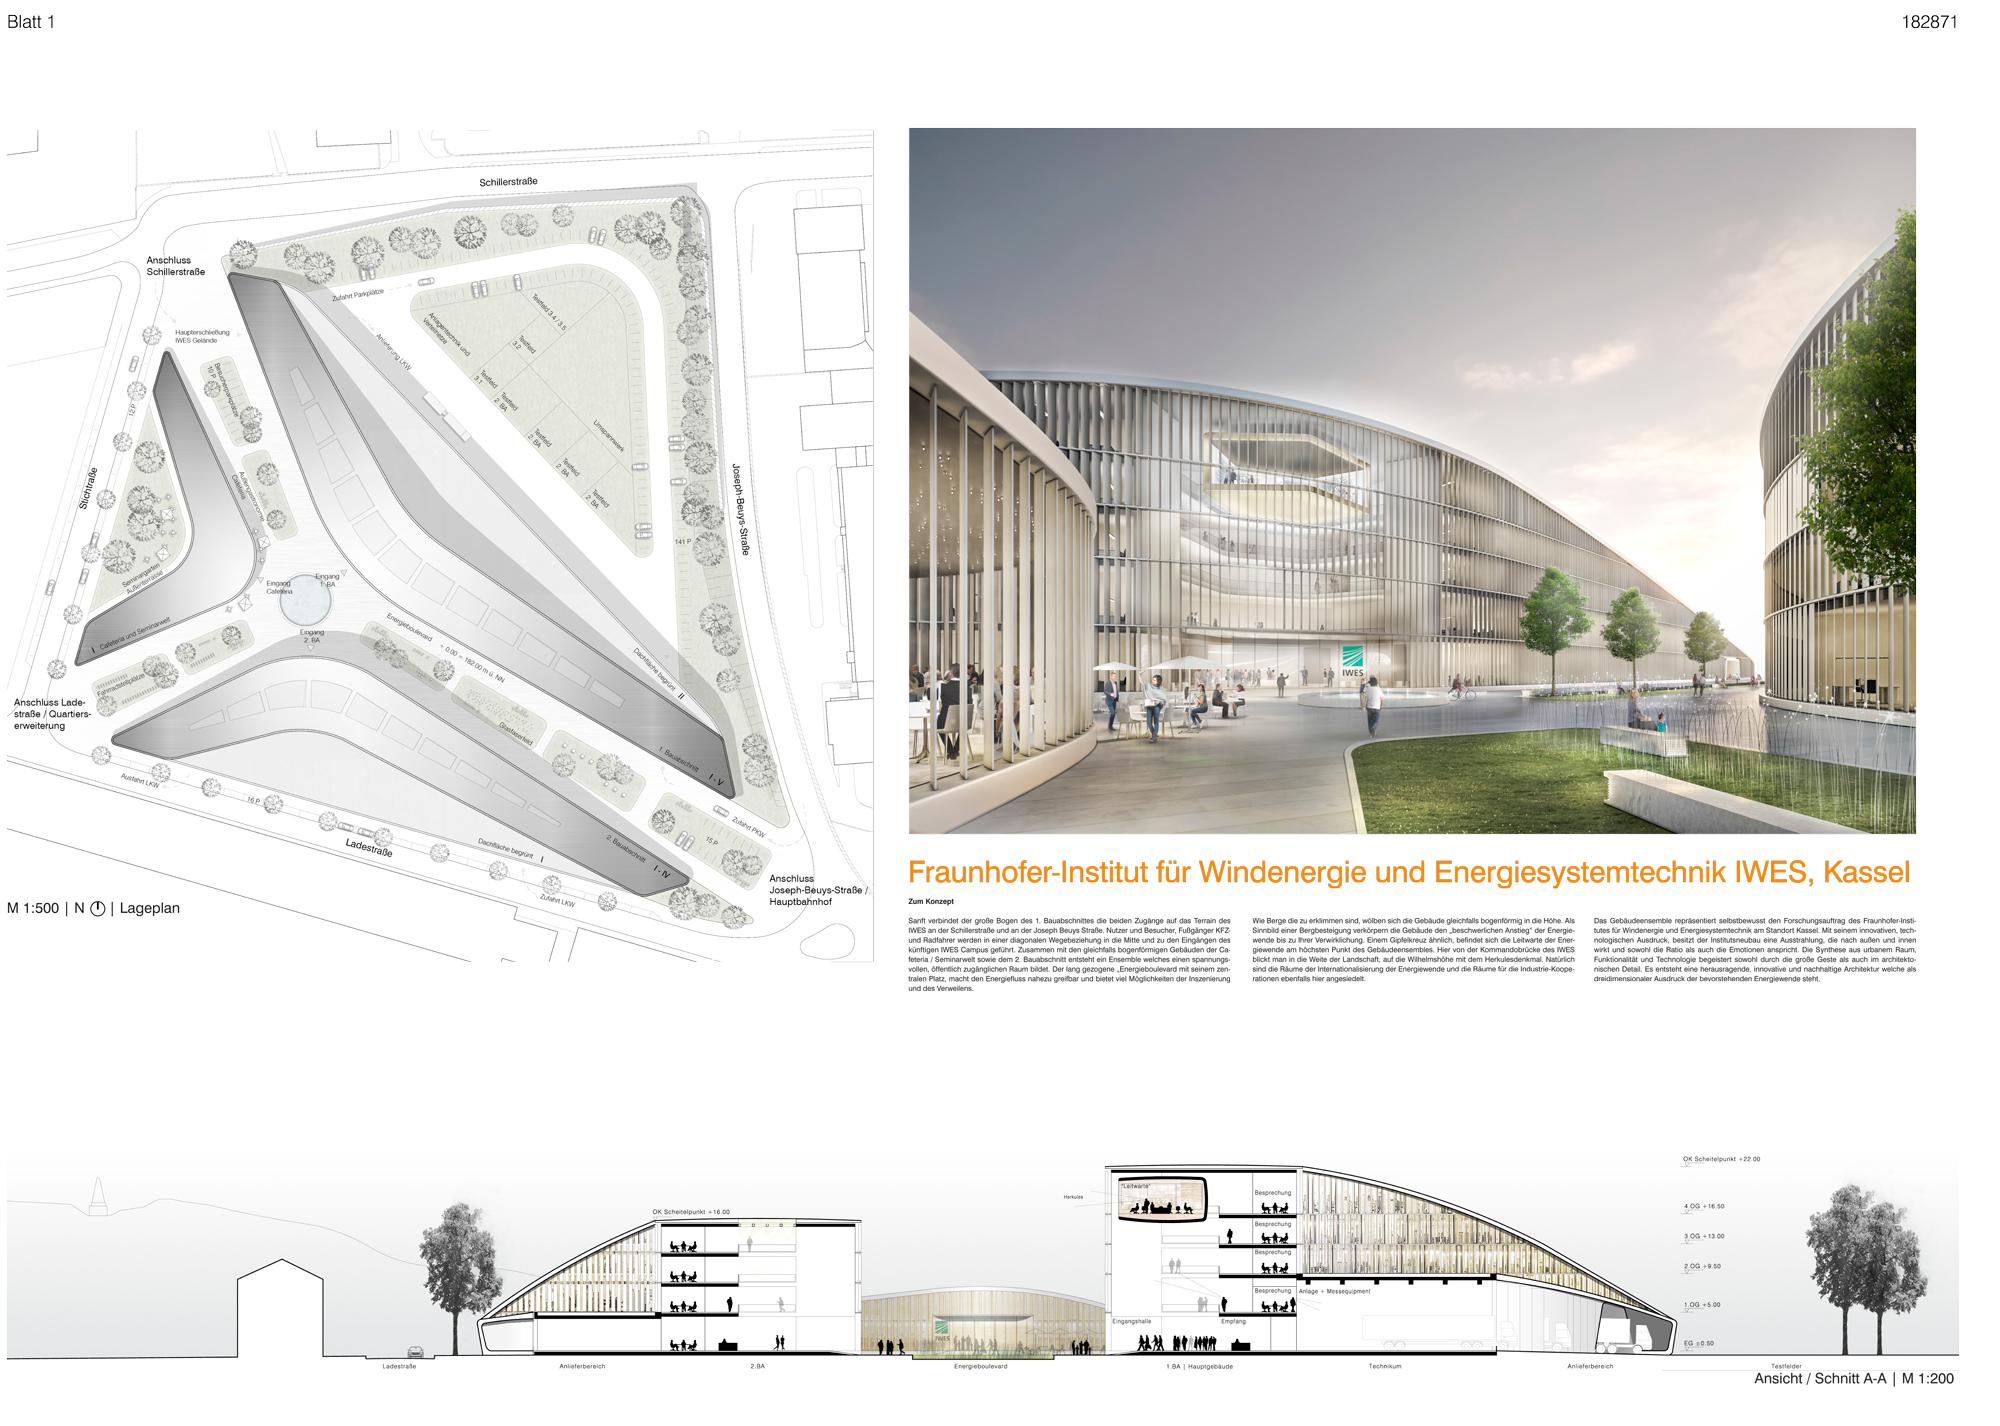 Ergebnis: Neubau eines Institutsgebäudes für das F...competitionline